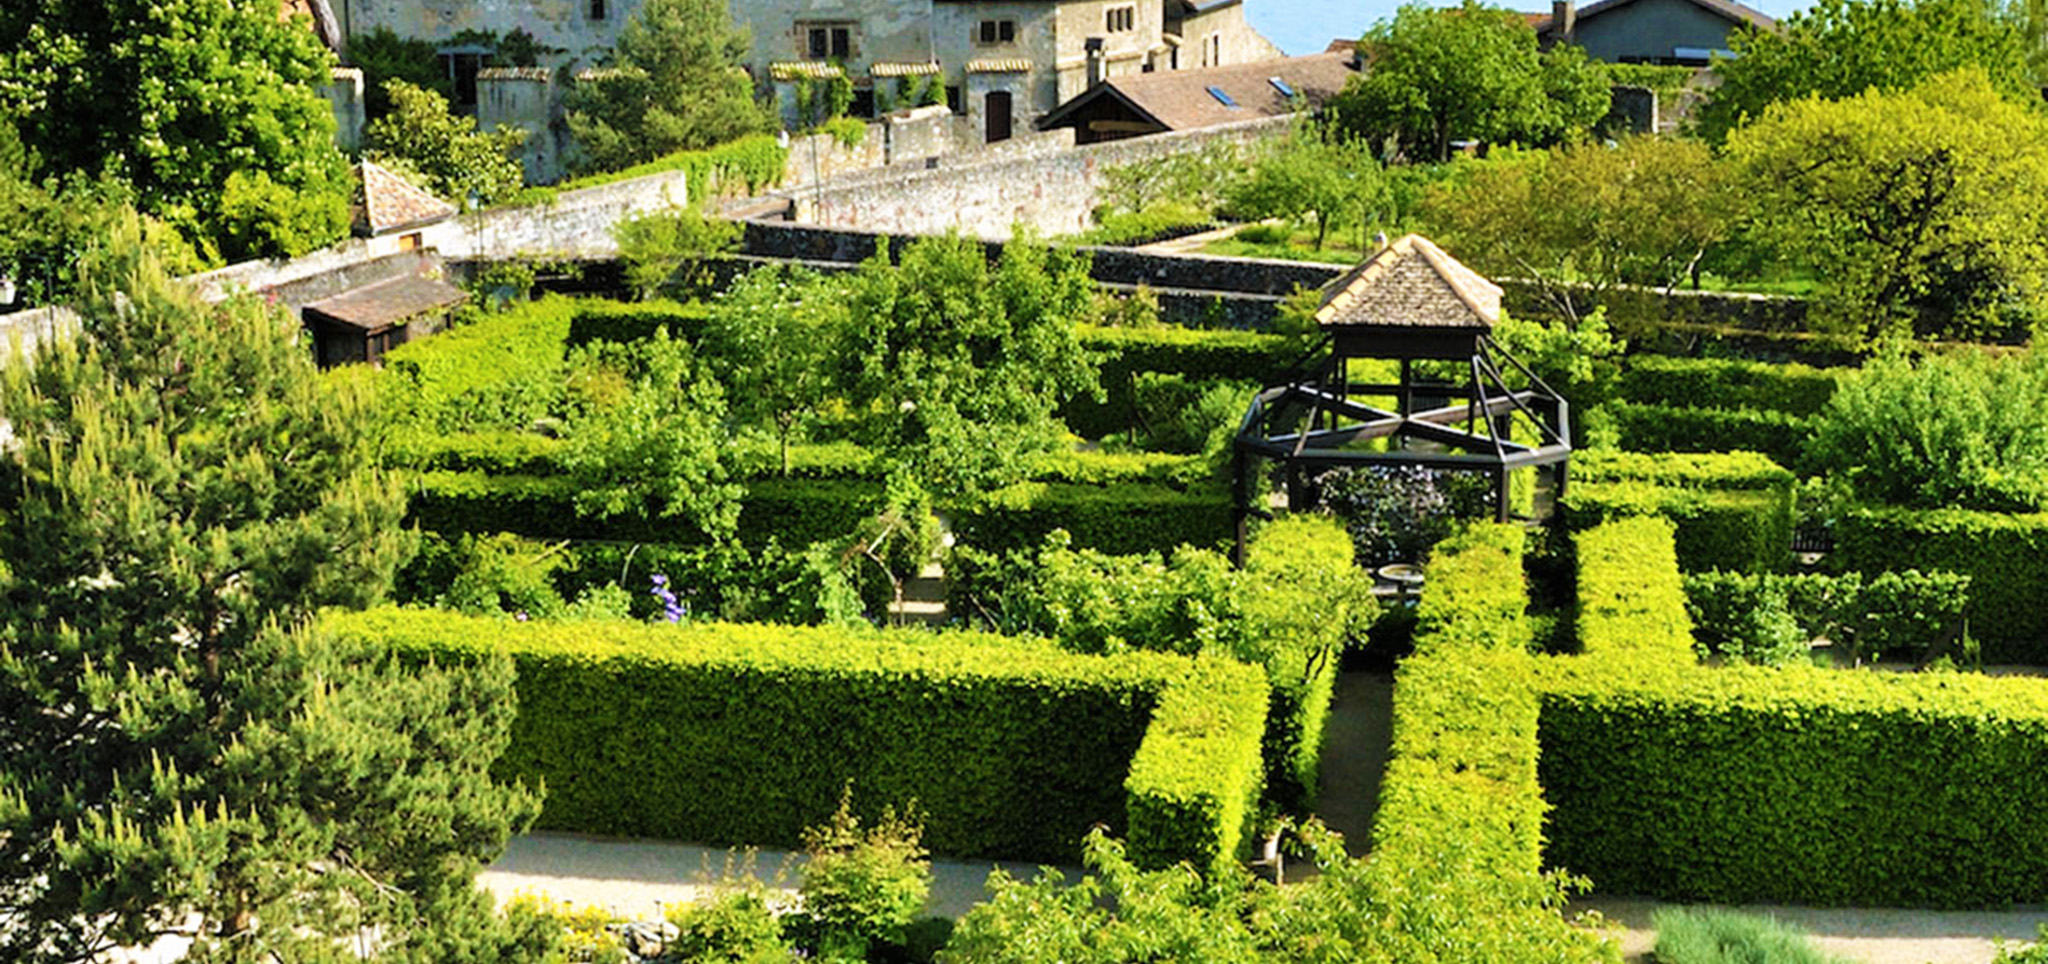 kt_2020_380_Keytours_excursions_Swisstours_yvoire_jardin_des_cinq_sens4_2048_10